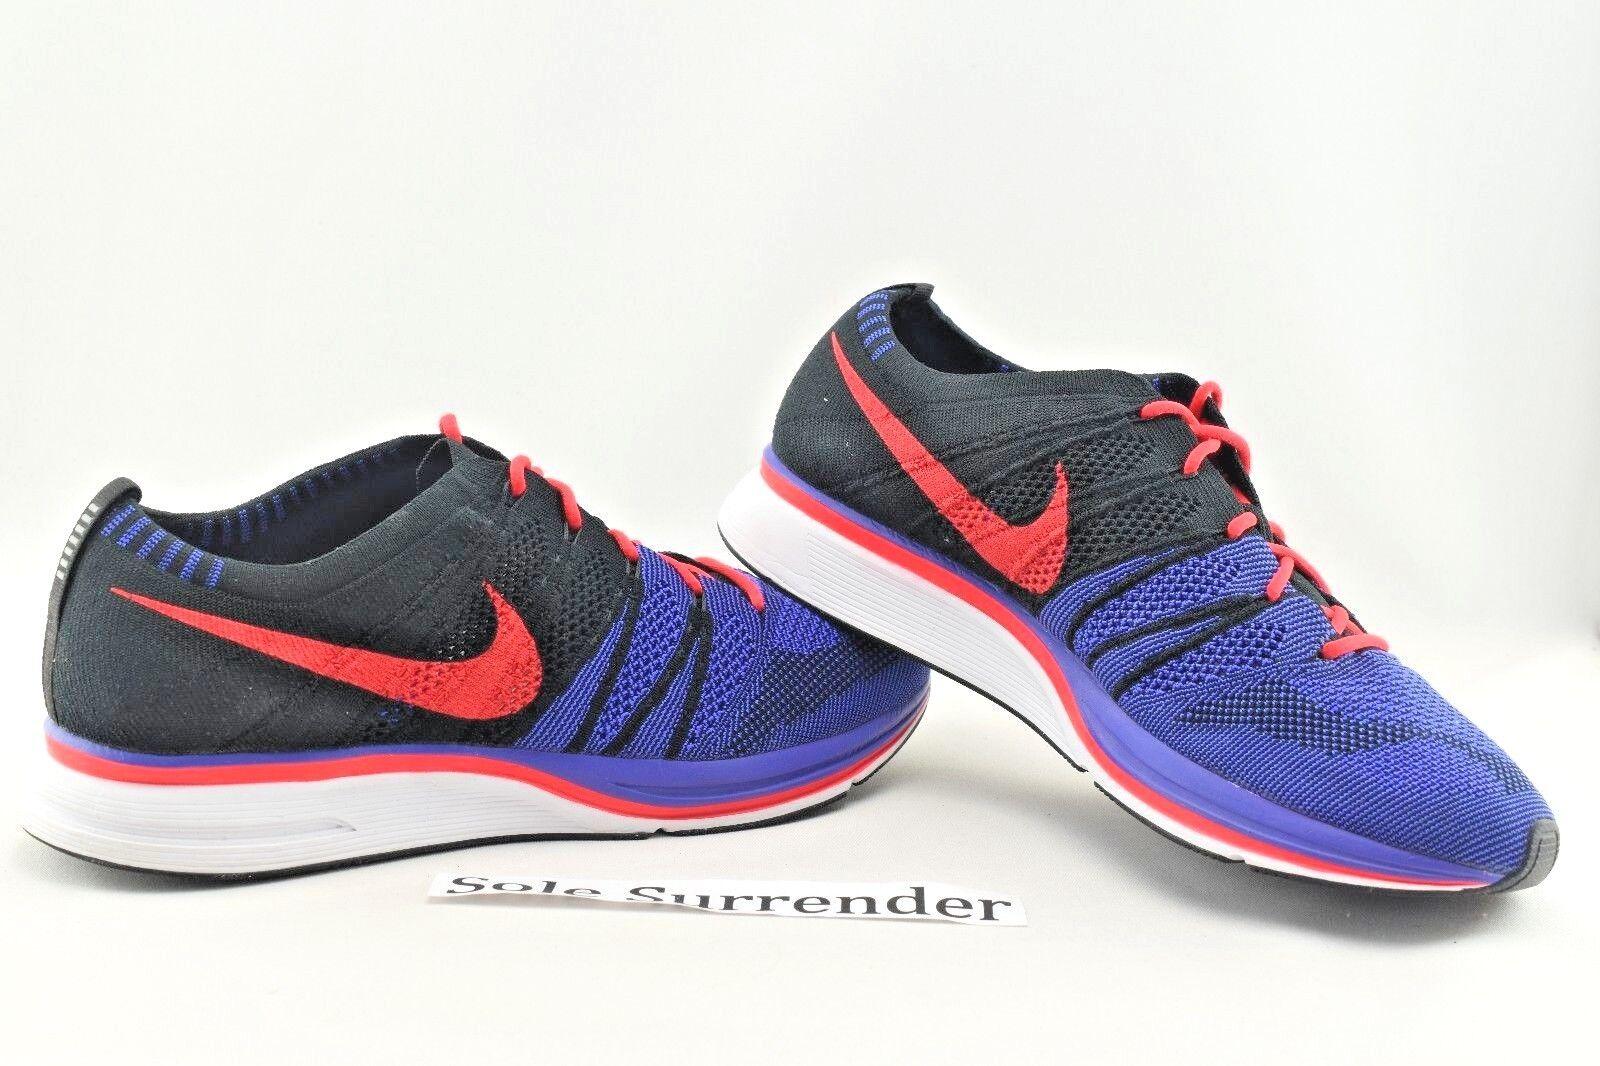 Nike Flyknit Trainer - CHOOSE SIZE - AH8396-003 Raptors Red Purple White purple